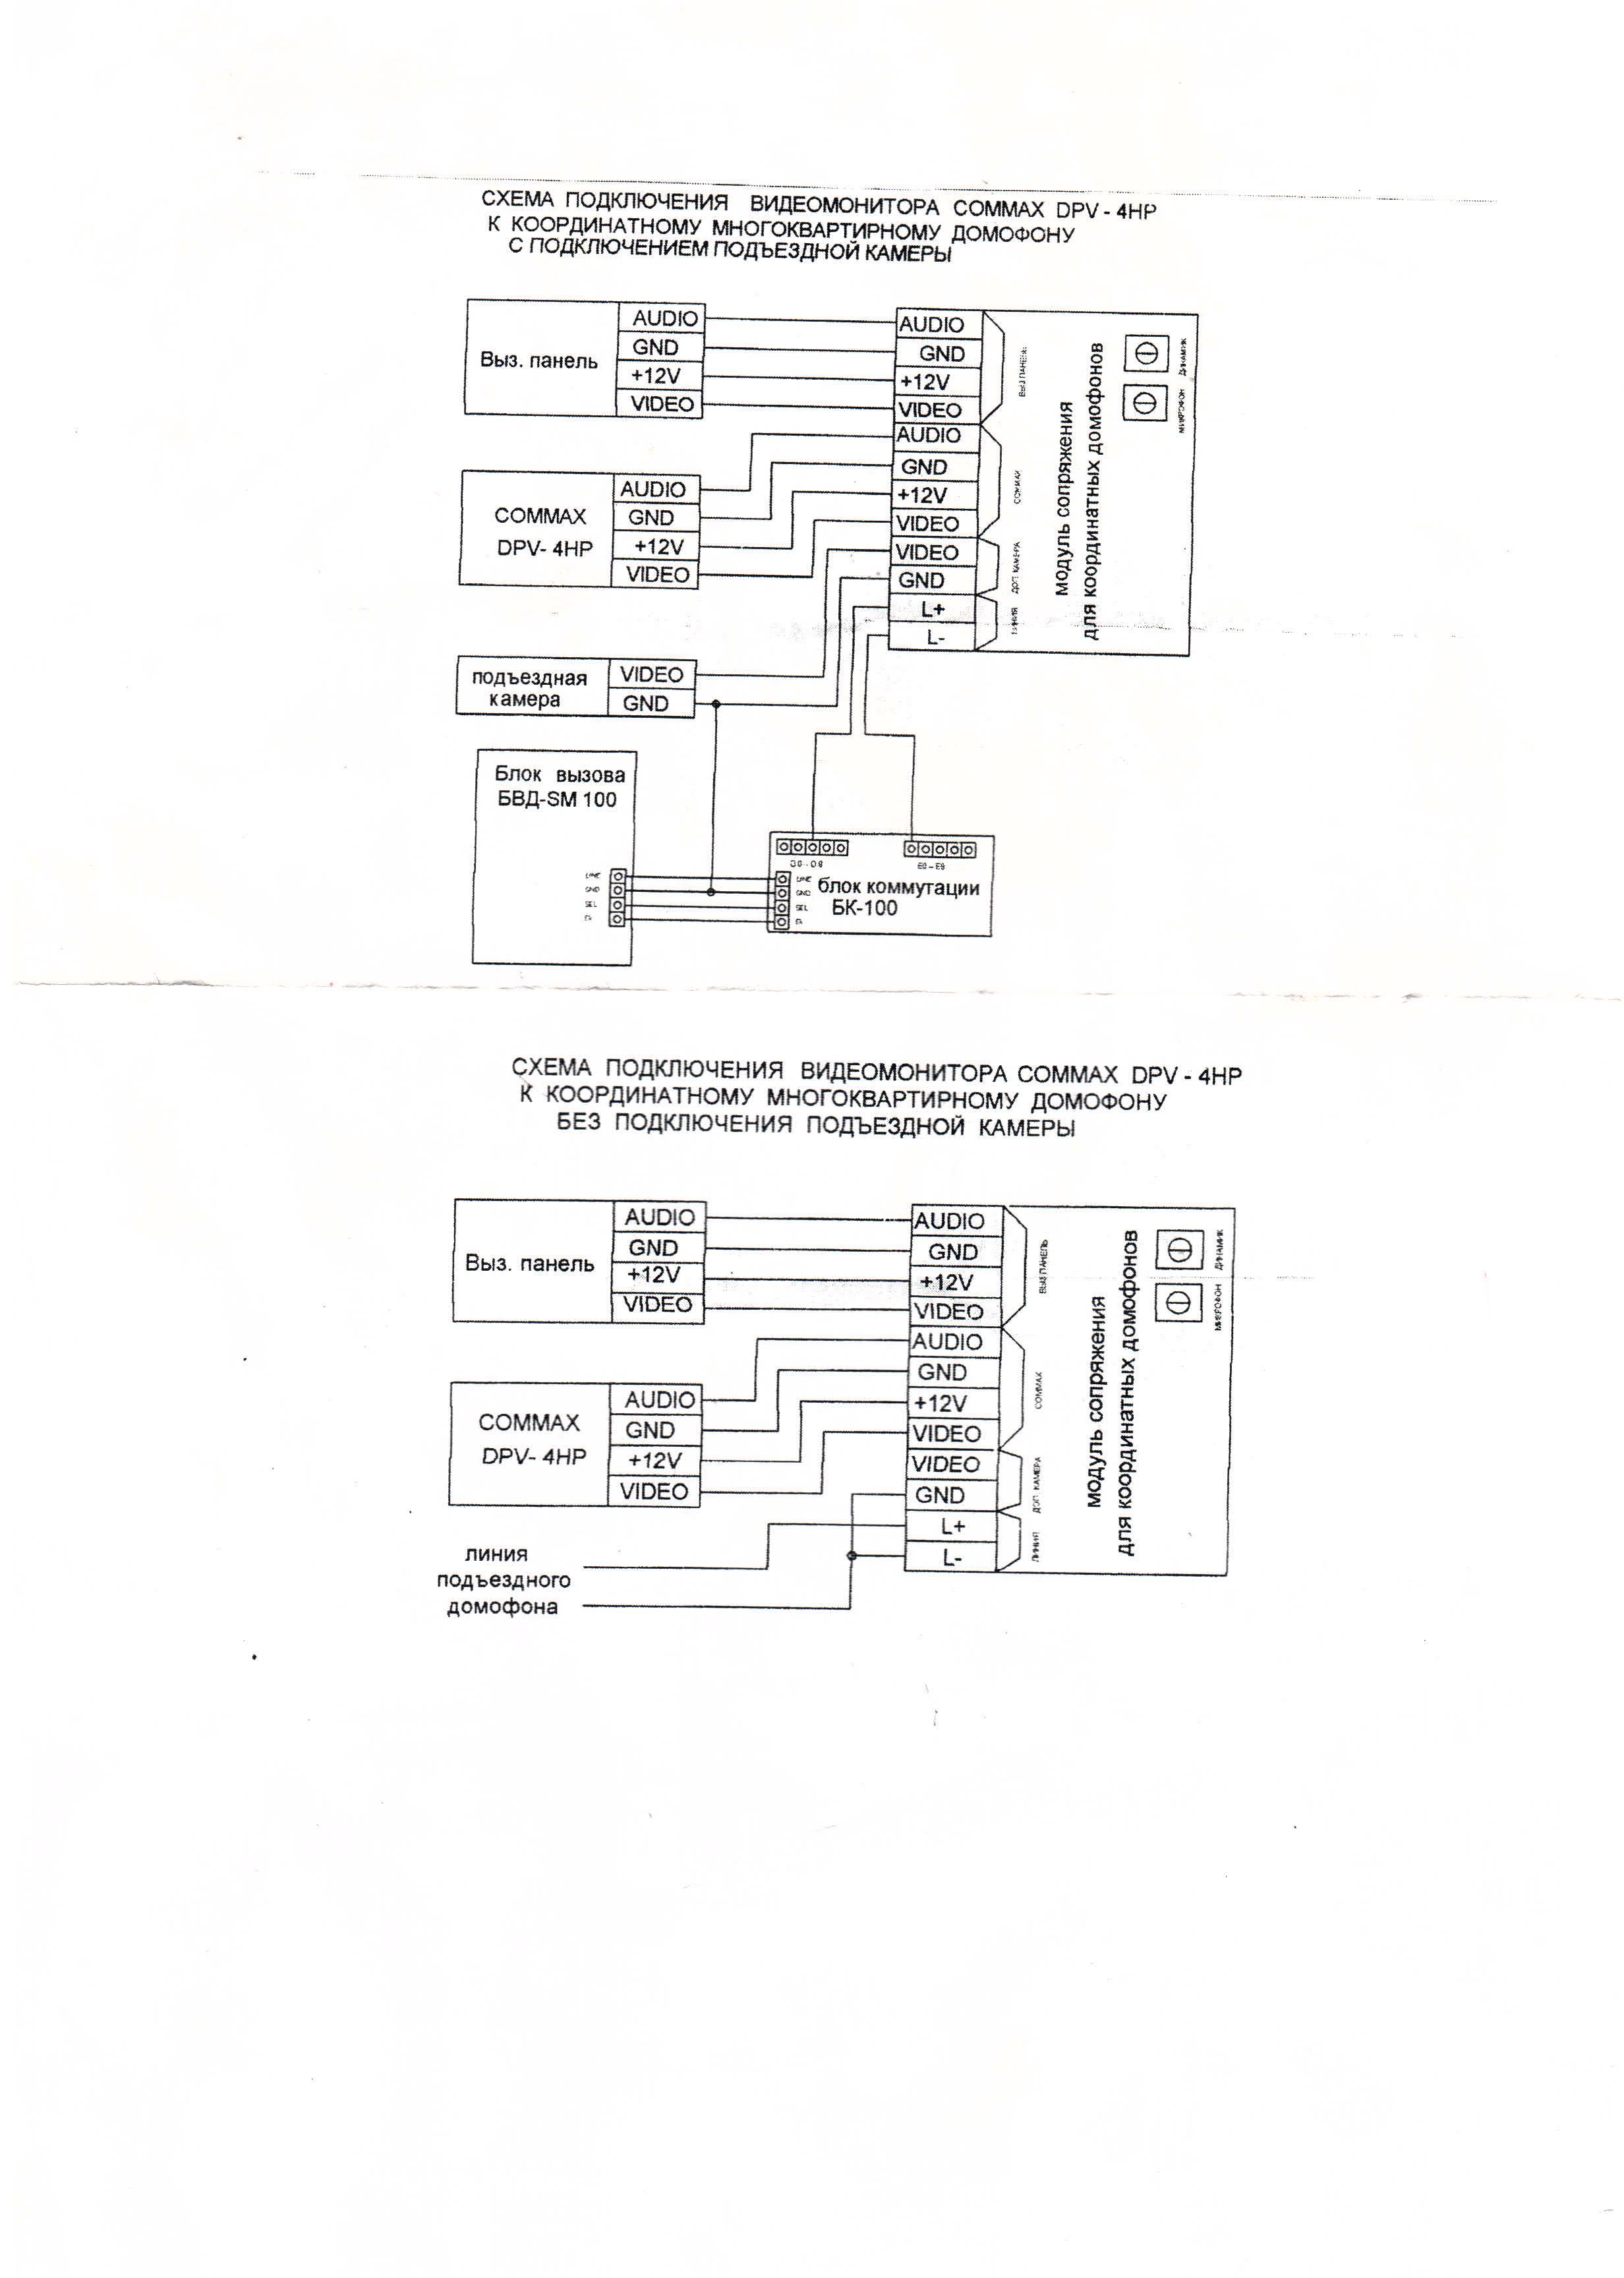 схема подключения многоквартирного домофона vizit видео